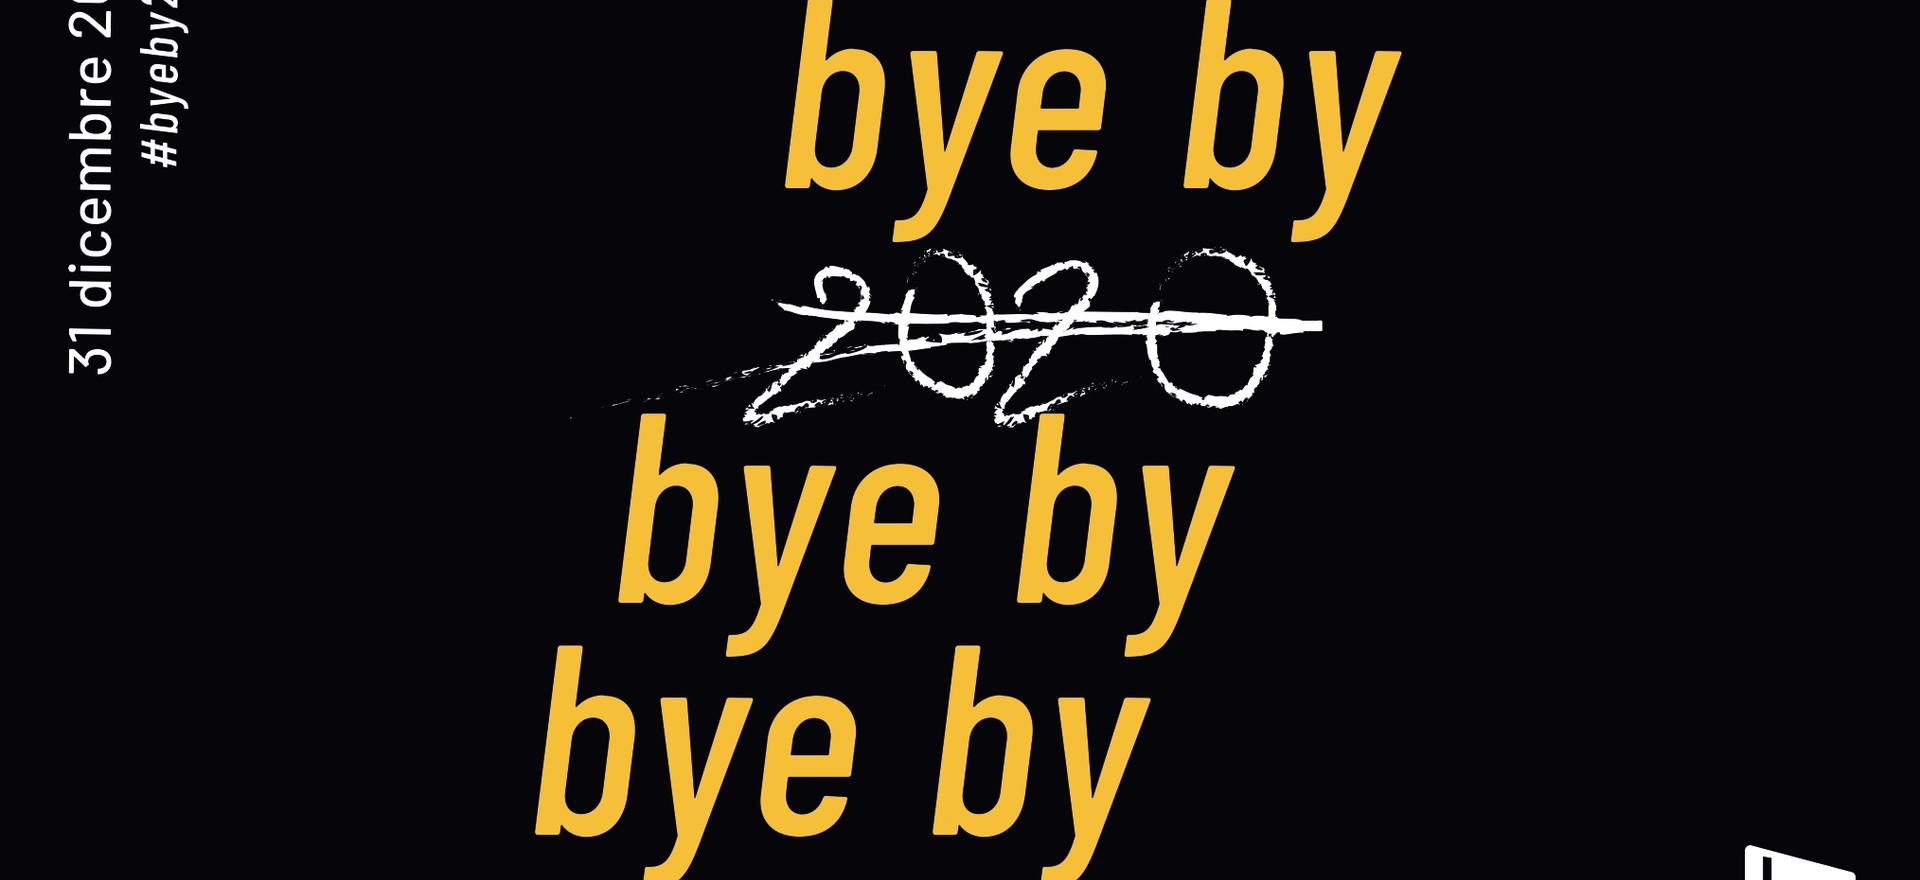 bye by 2020